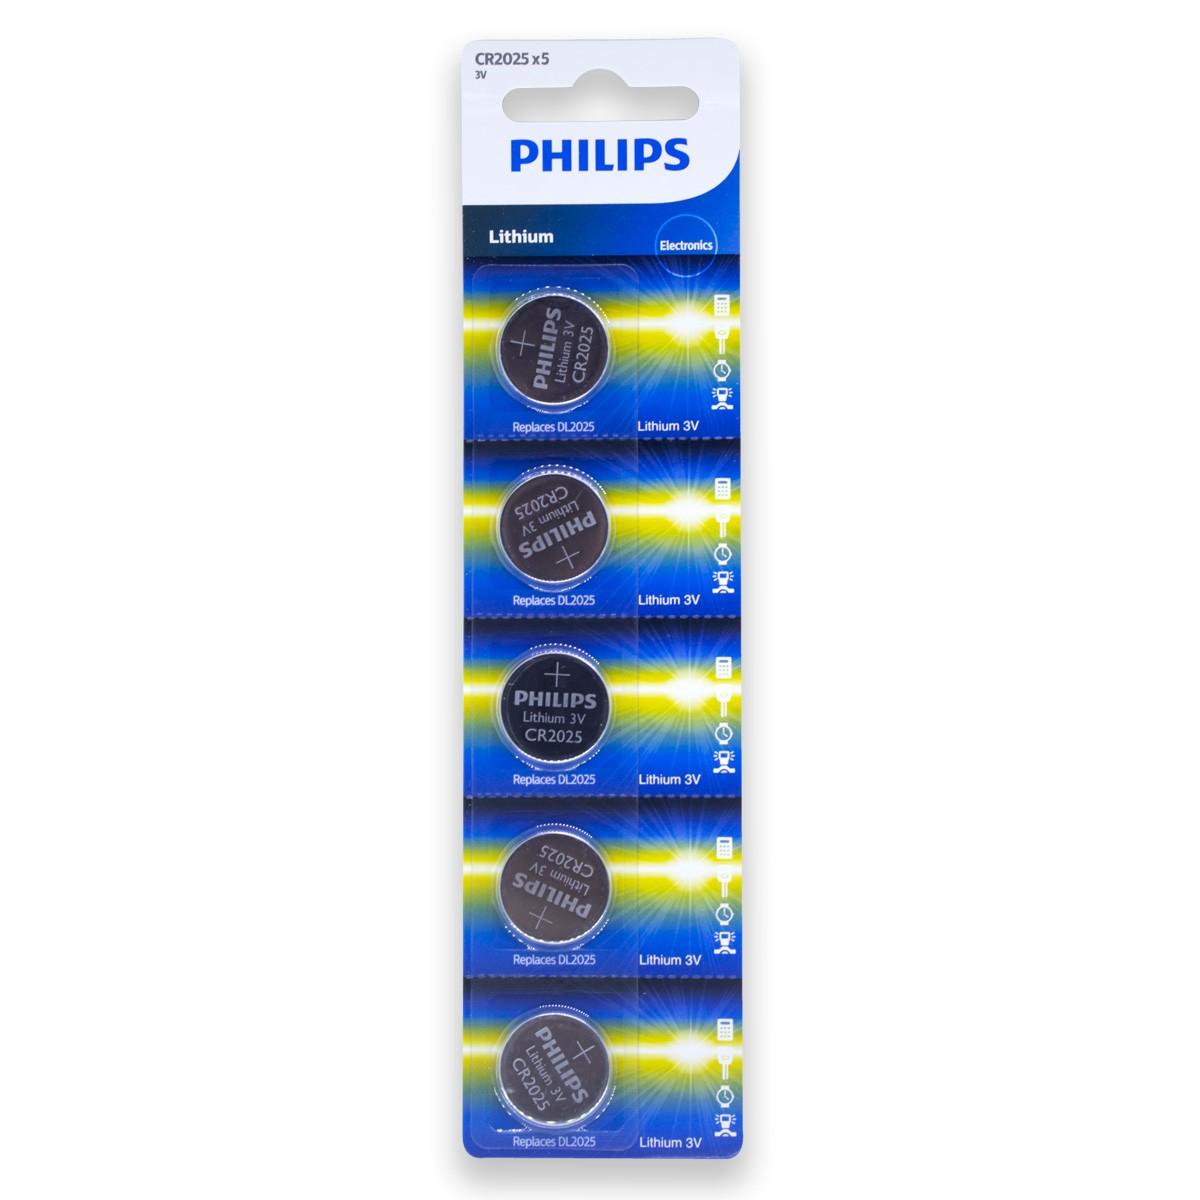 10 Pilhas PHILIPS CR2025 3v Bateria Original - 2 cartelas